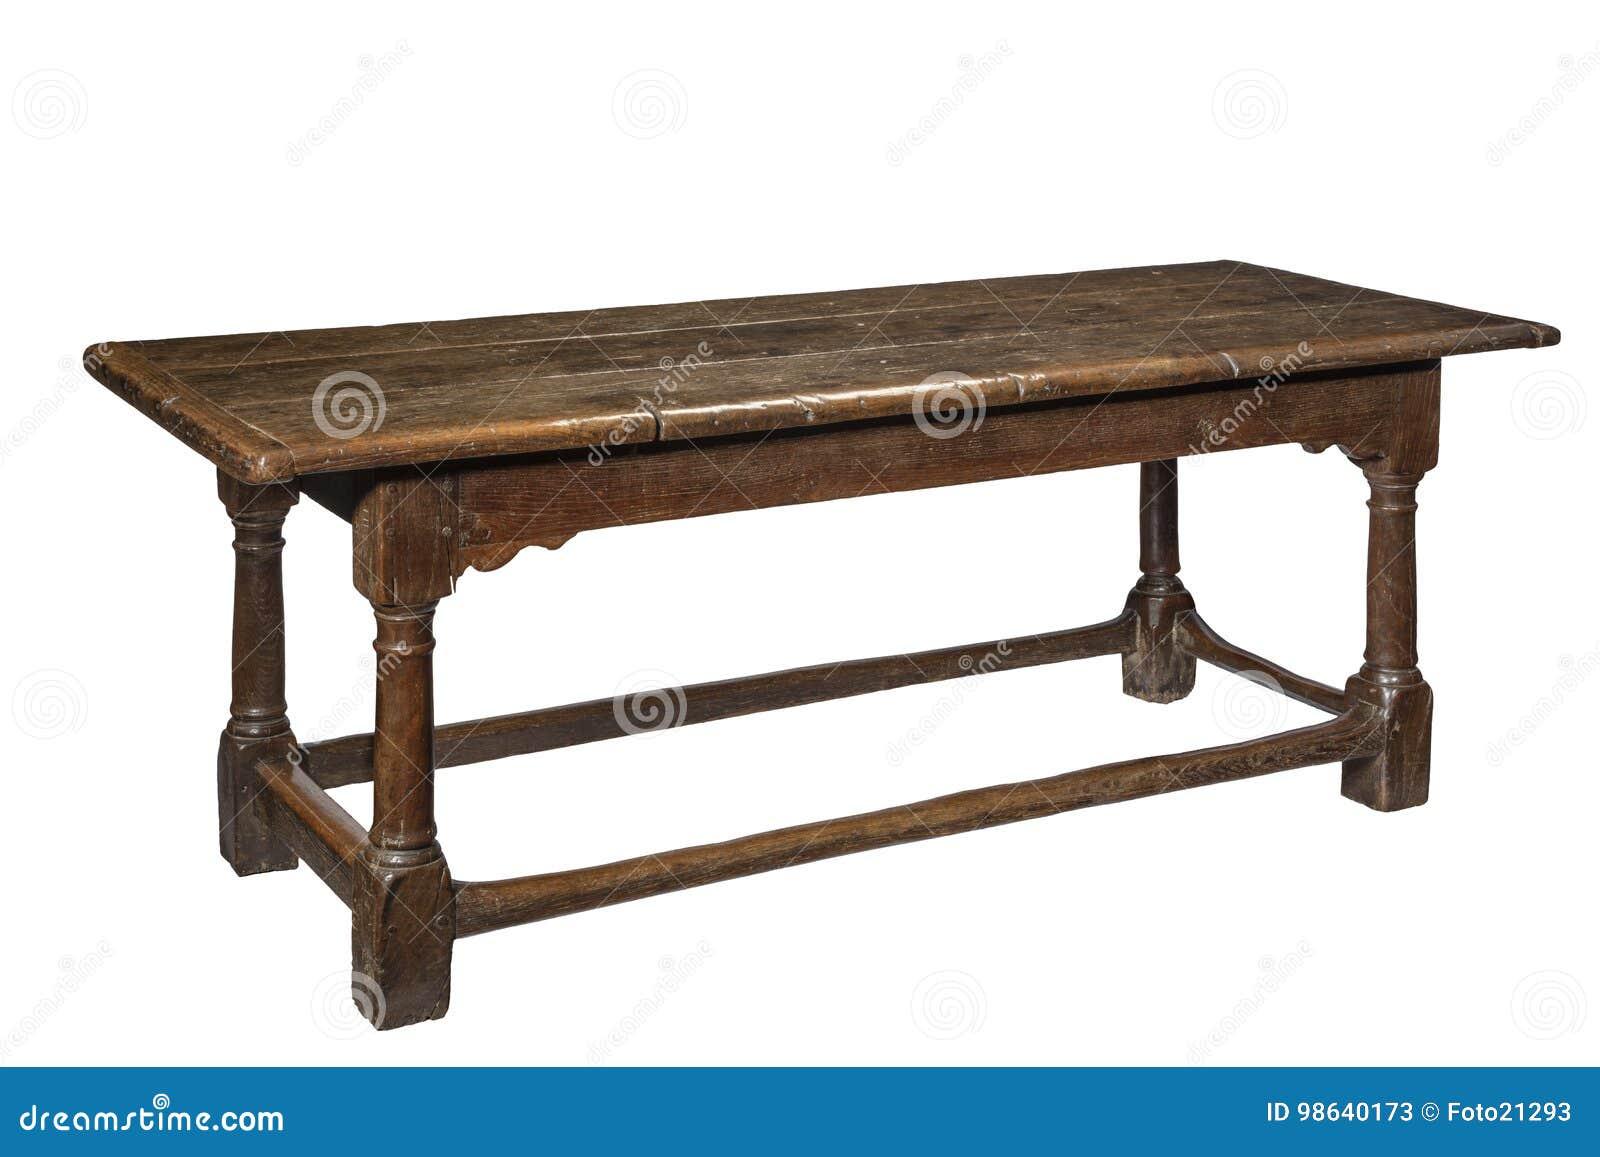 Oude Antieke Eettafel.De Oude Eettafel Van De De Zeventiende Eeuw Eiken Eetzaal